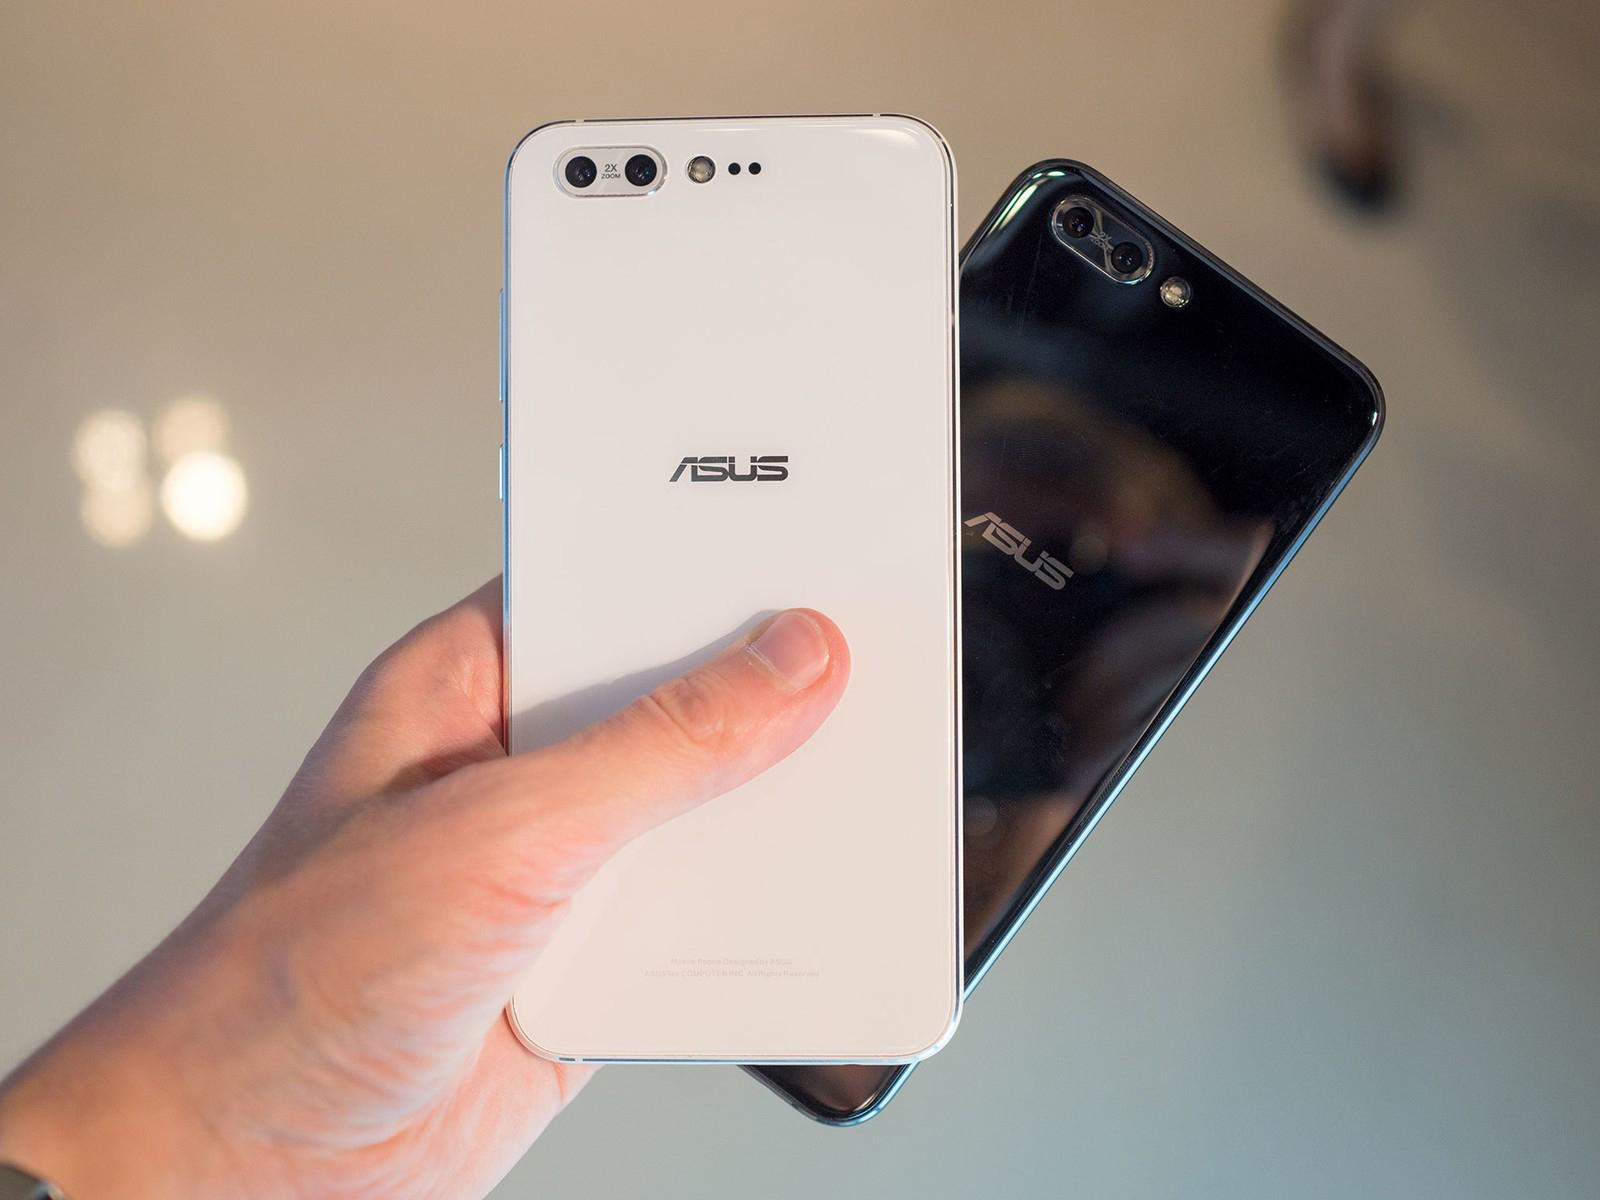 Imagem de Promoção! ASUS Zenfone 4 está com o menor preço dos últimos 6 meses no Zoom no tecmundo